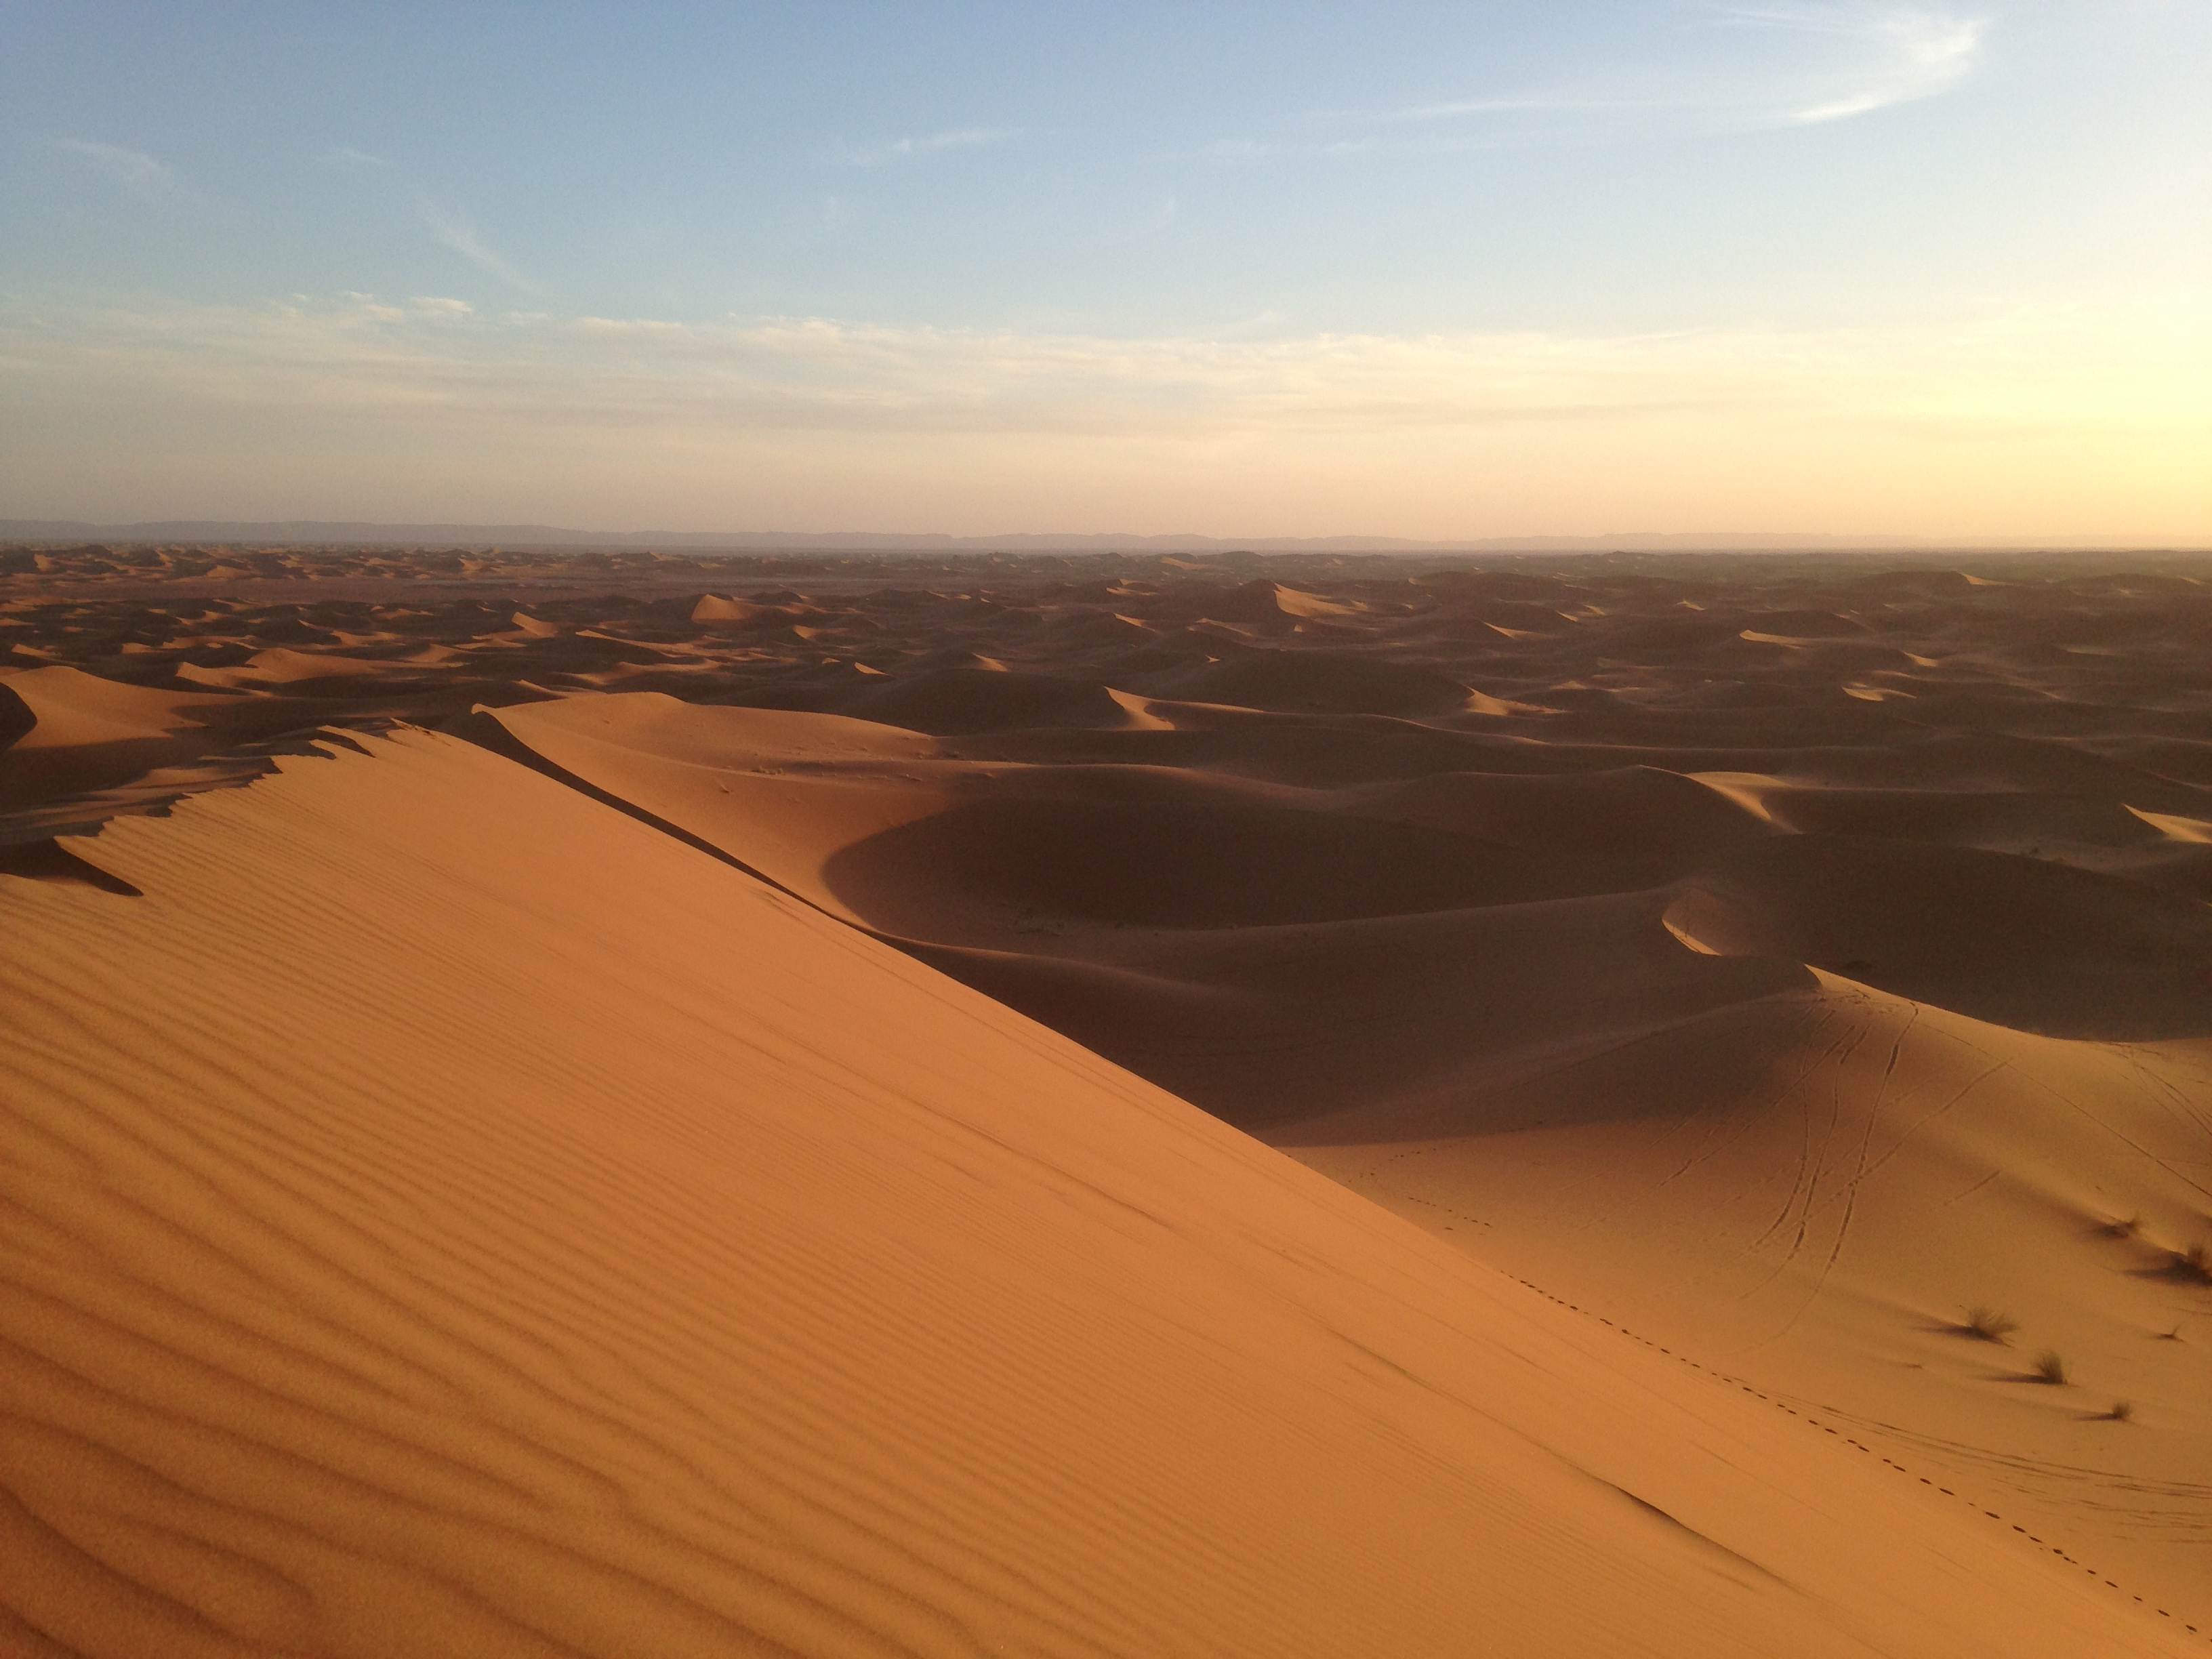 Désert du Sahara à M'Hamid